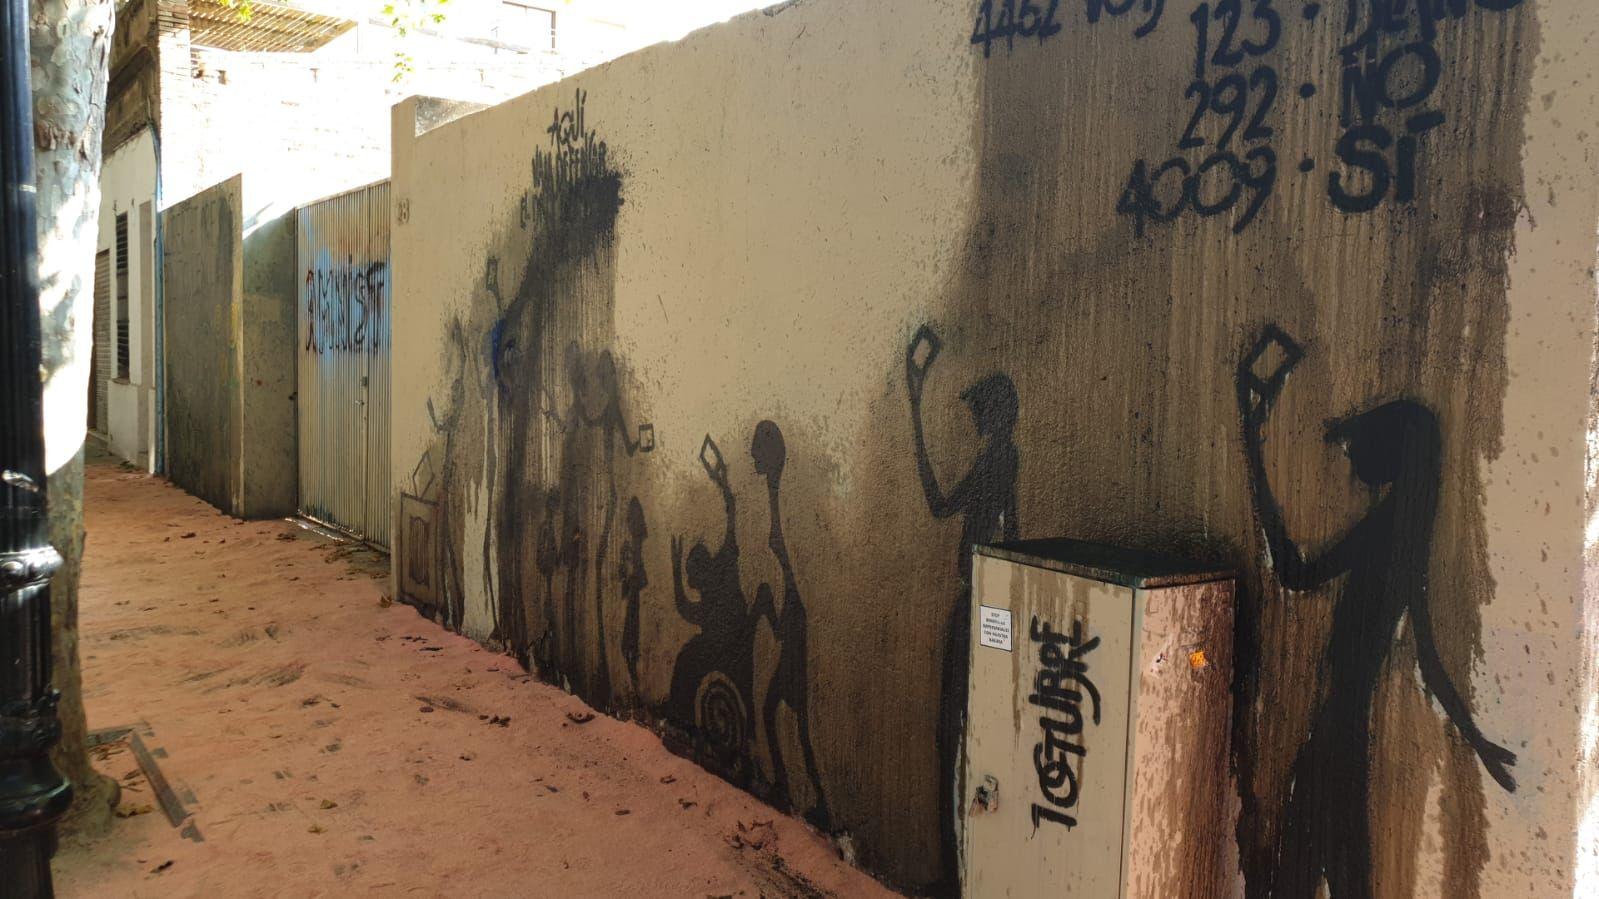 El mural, novament malmès. Foto: Jaume Domènech